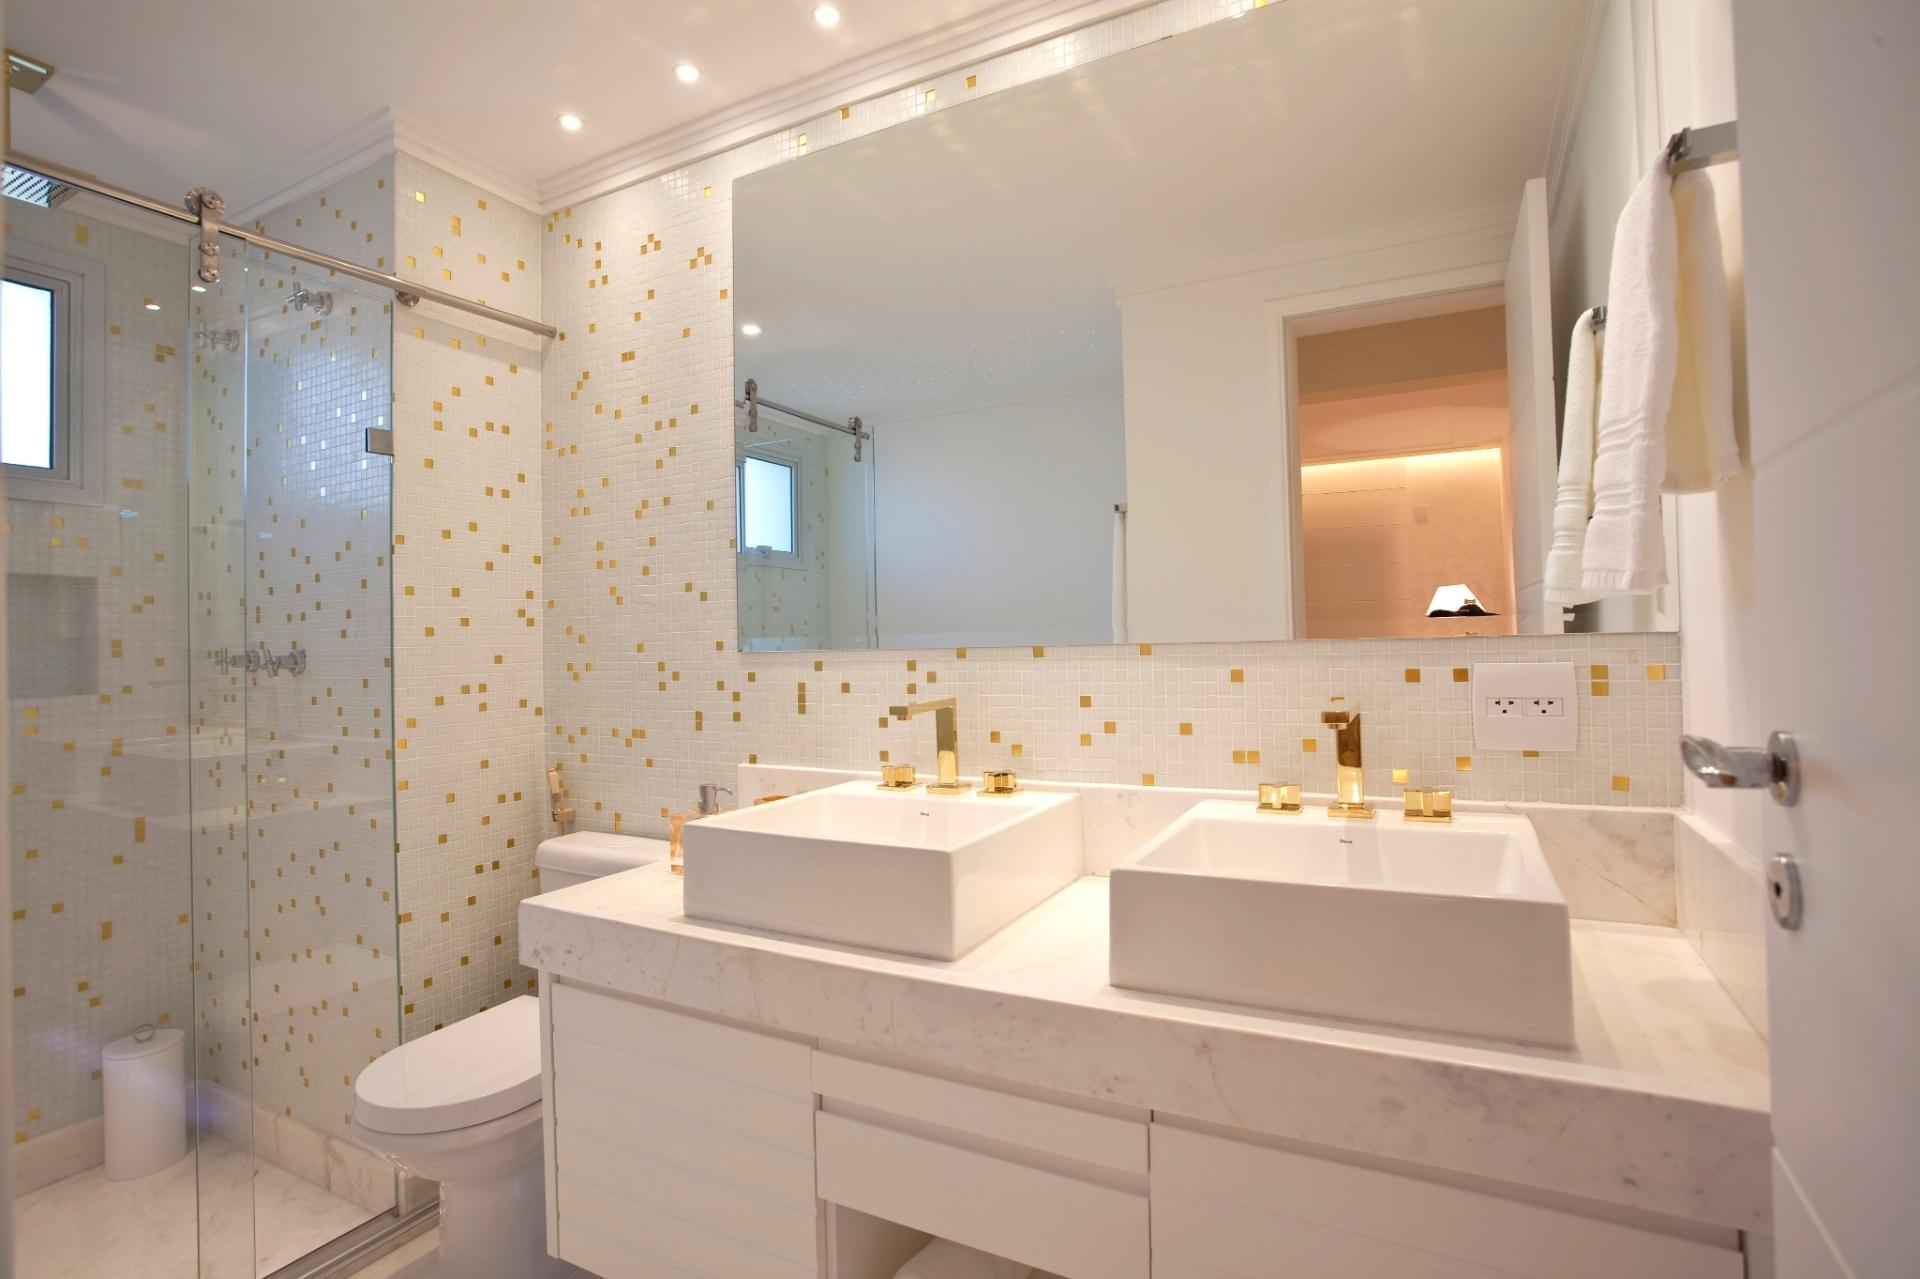 Pastilhas e metais dourados dão o leve toque clássico ao banheiro de #926839 1920x1279 Amarelo No Banheiro